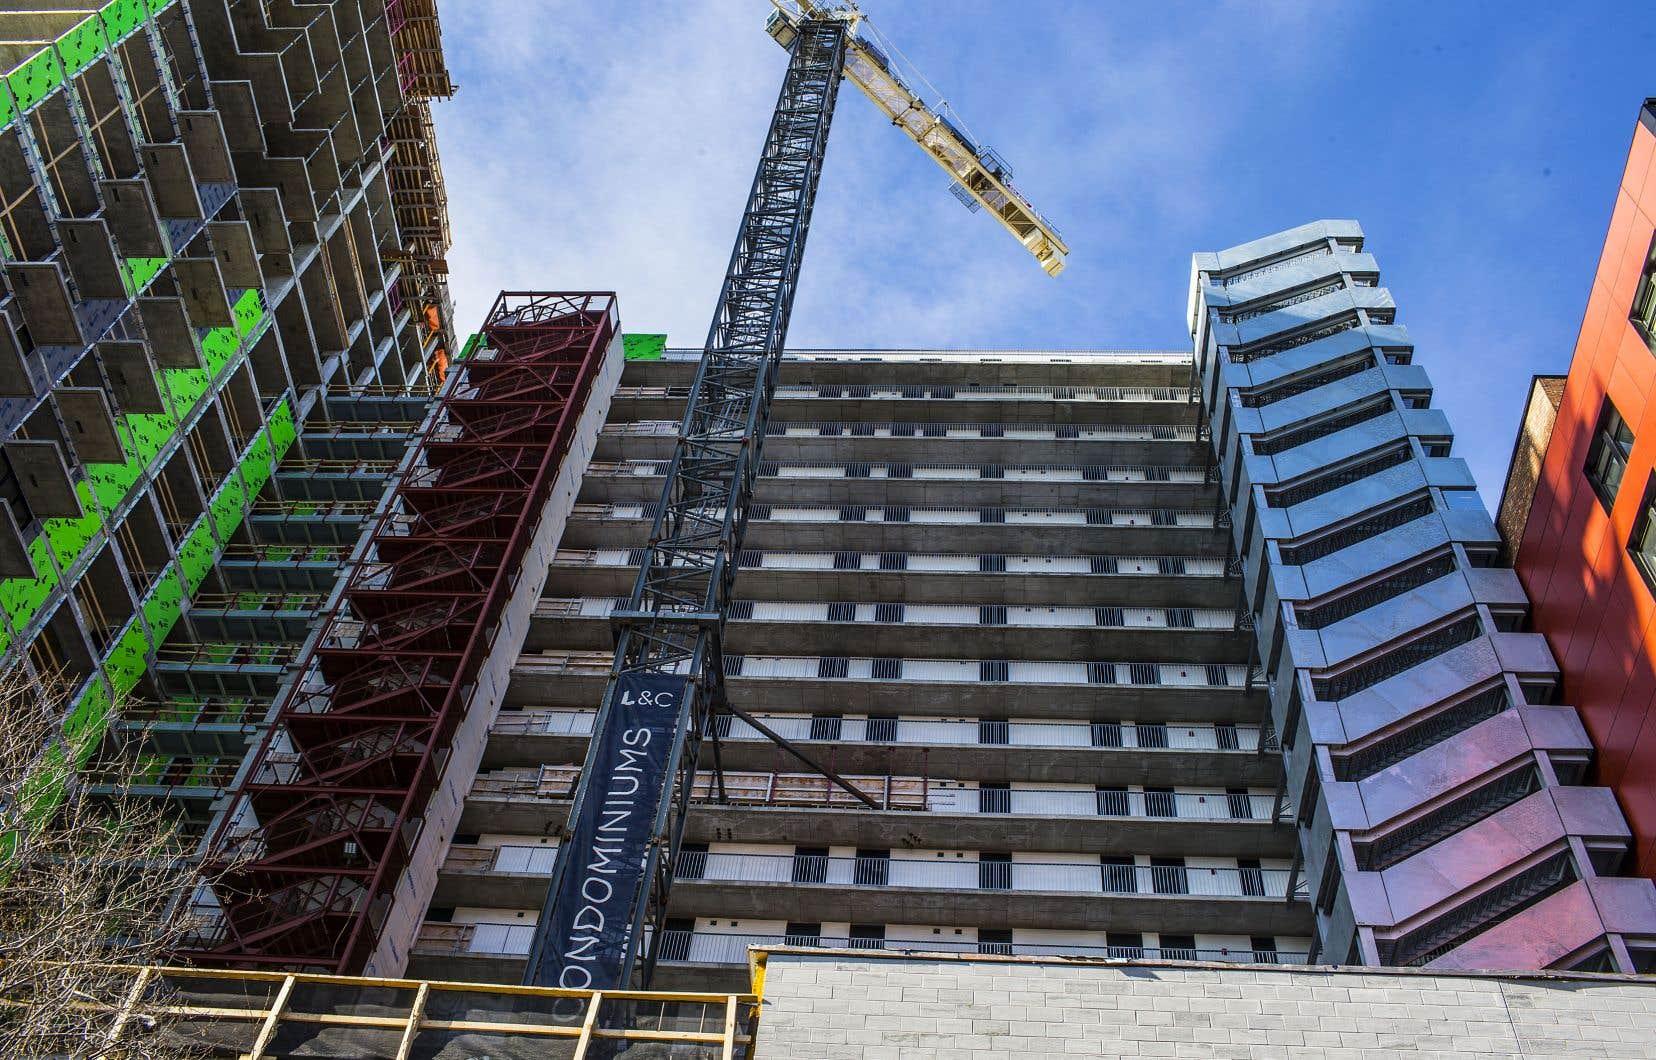 Le Canada est d'ailleurs l'un des pays où la situation en matière d'abordabilité des logements «s'est le plus dégradée dans le monde» dans les dernières années, soulève le professeur Jean-Philippe Meloche.